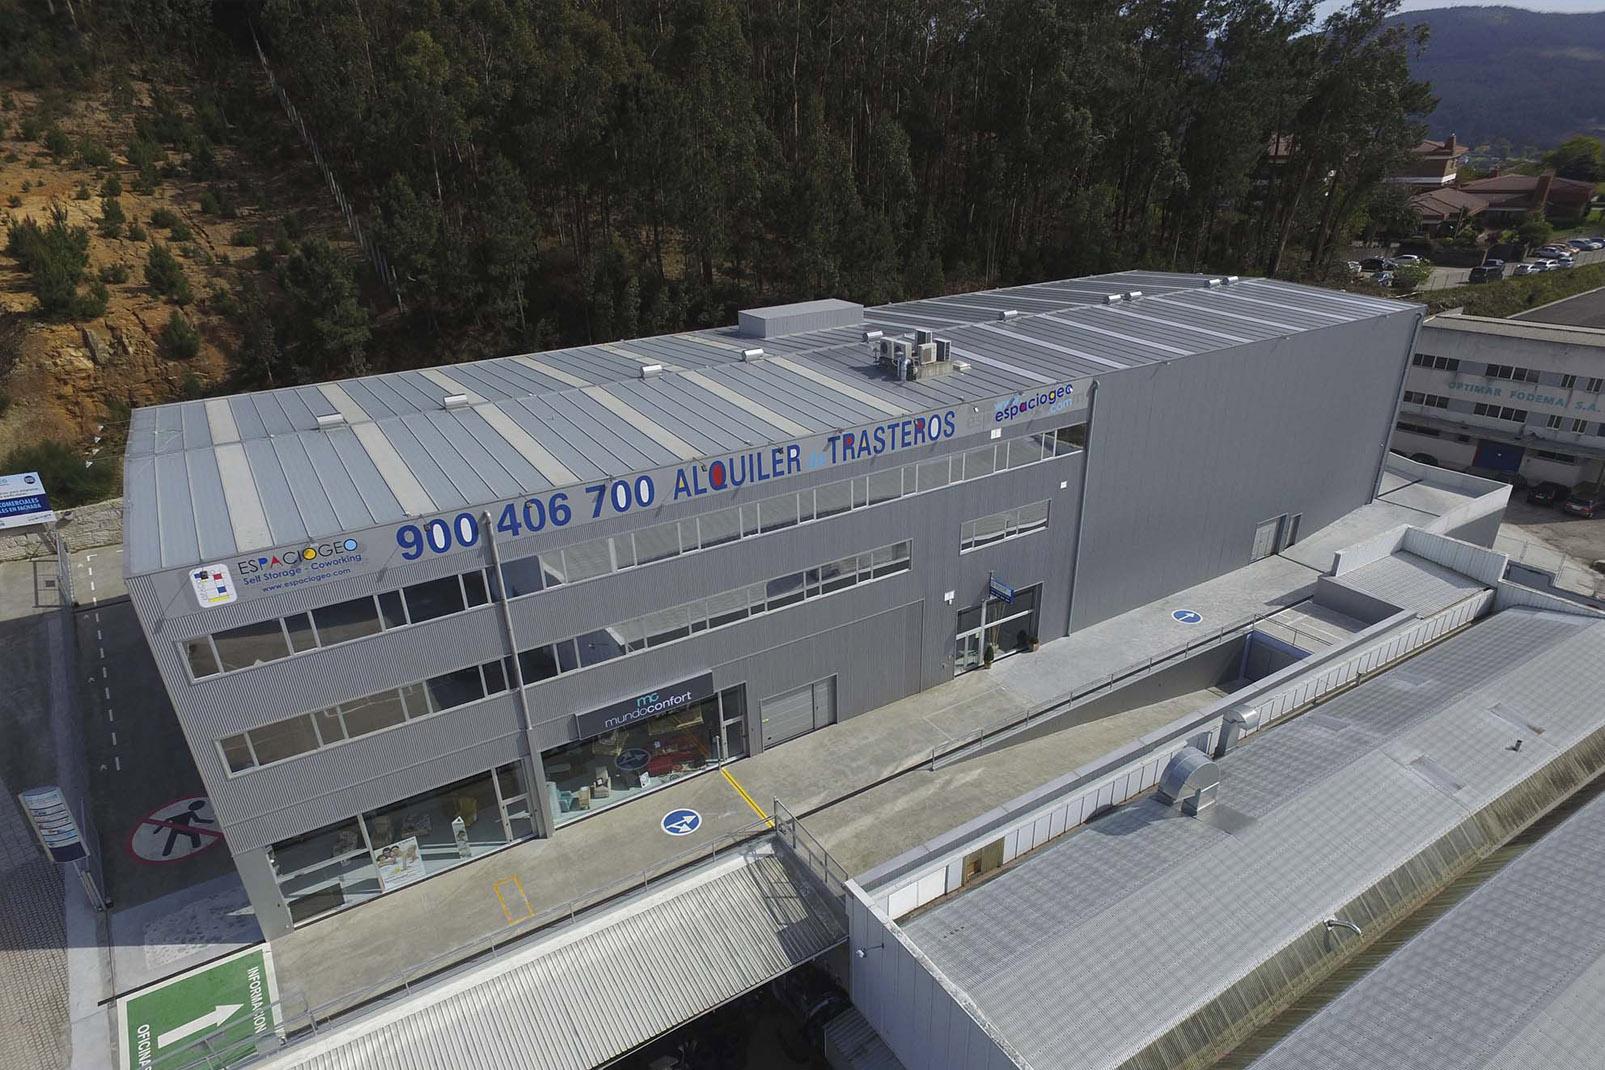 Instalaciones Nave Espaciogeo Vigo